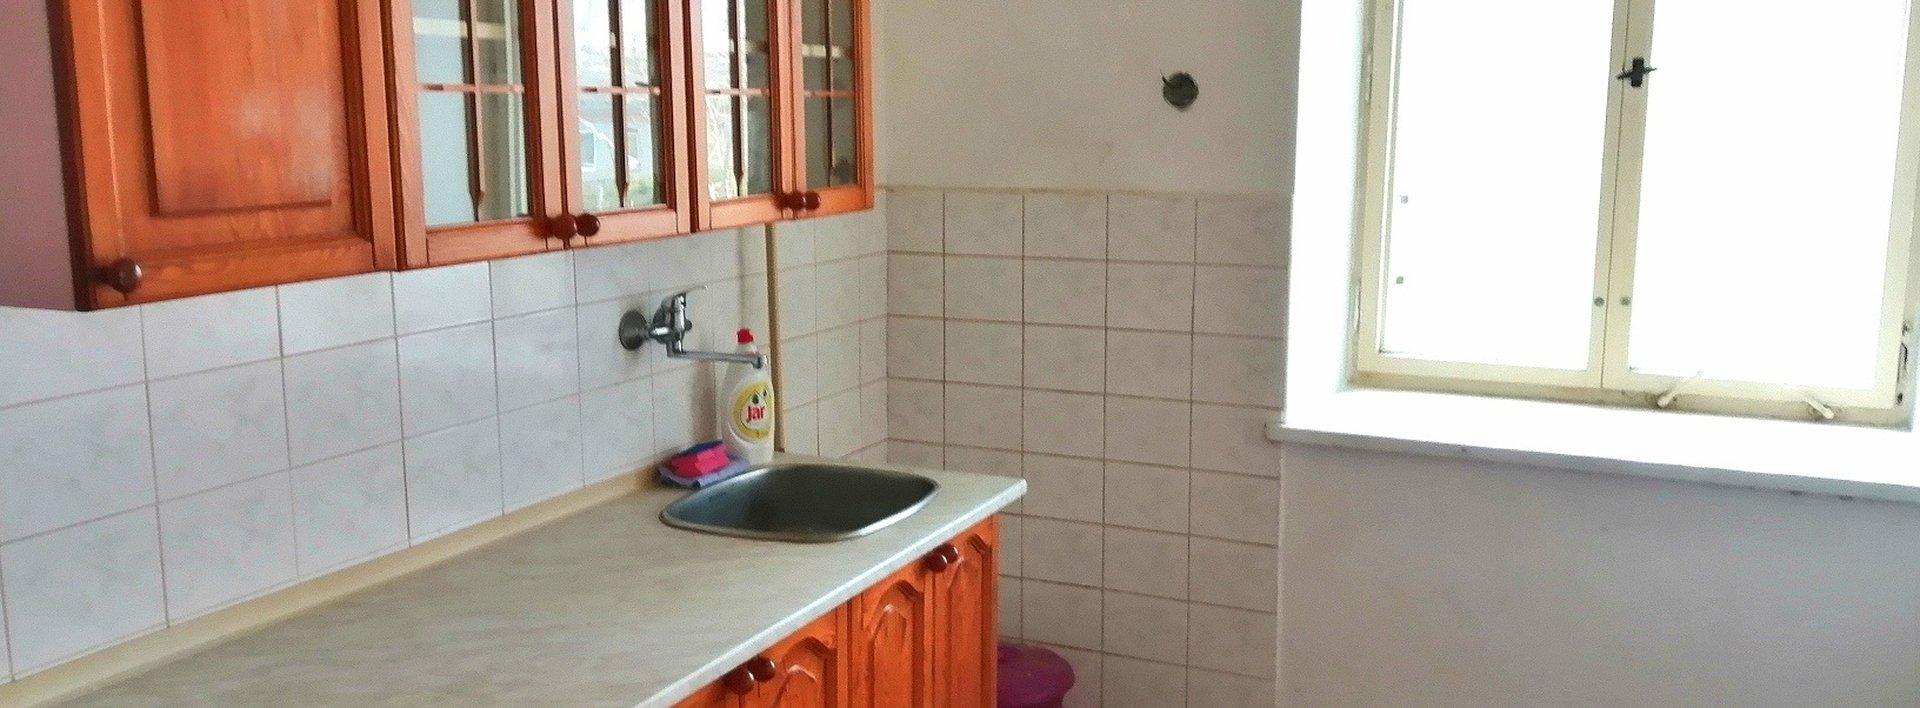 Pronájem bytu 2+1 v cihlovém domě, Ev.č.: N49242